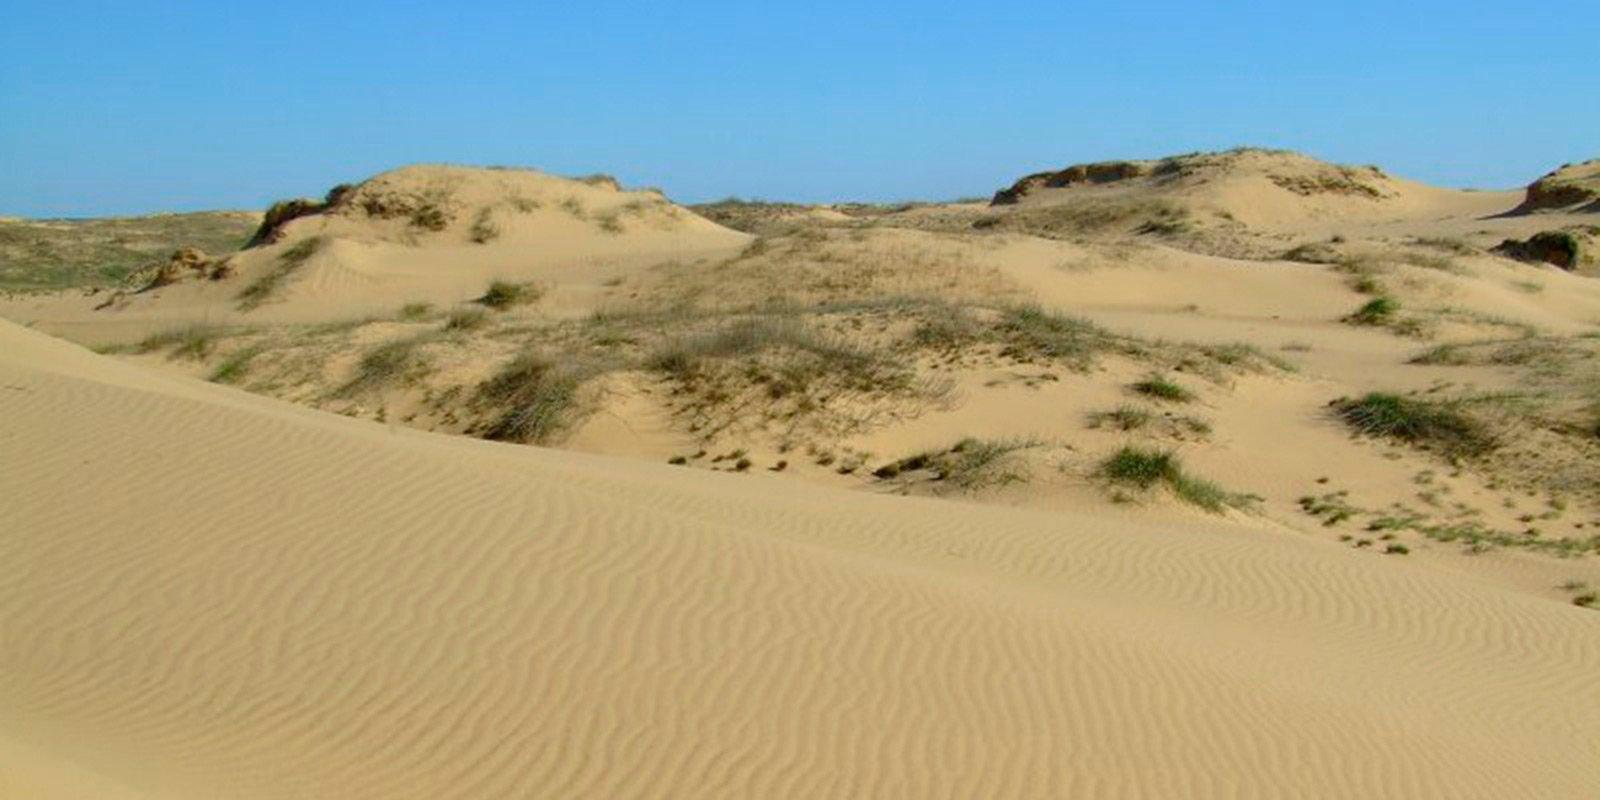 У літню спеку на сонці пісок нагрівається до 75 градусів - при такій температурі цілком можна підсмажити яєчню